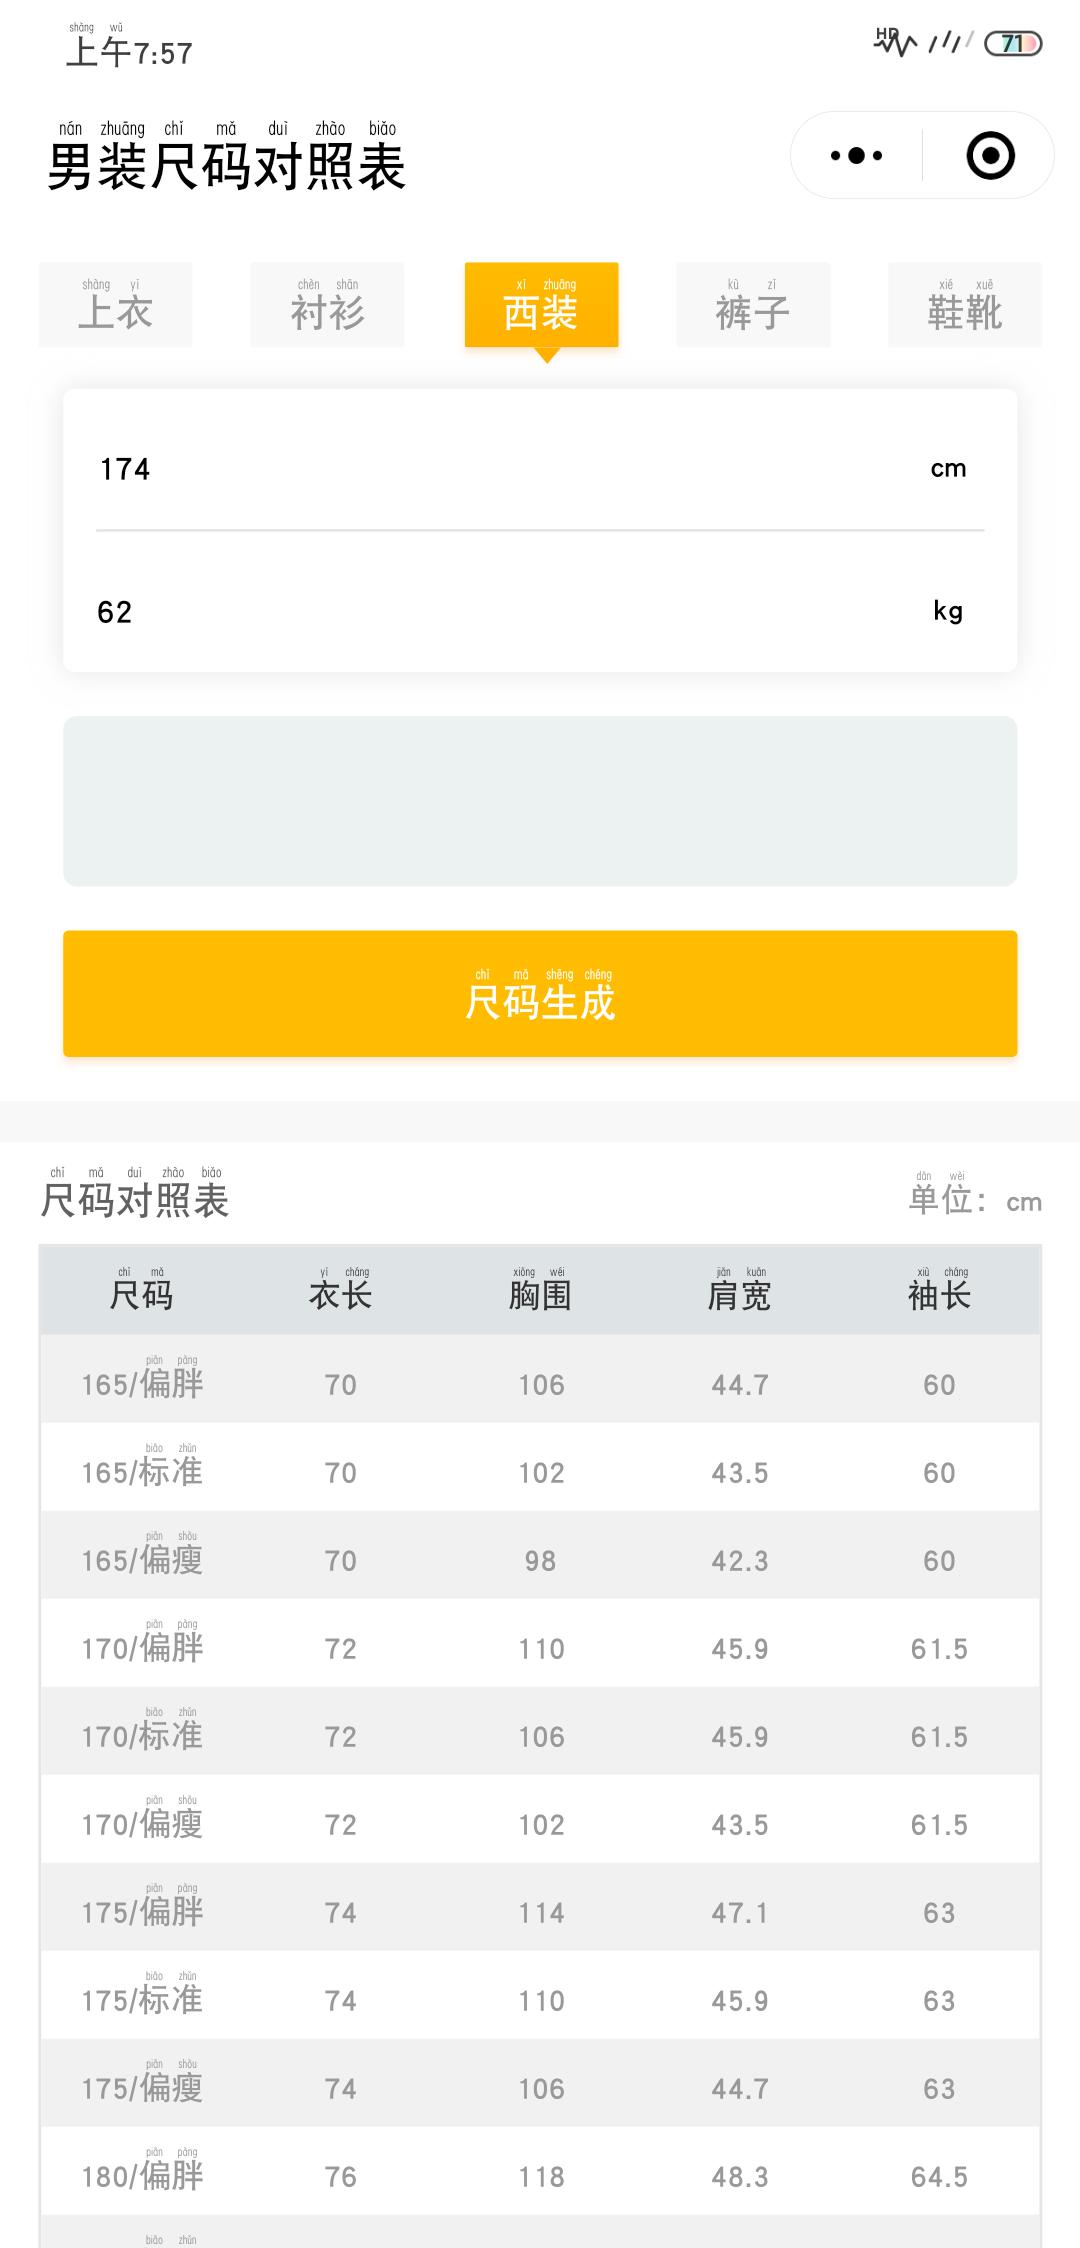 【小程序】男装尺码对照表 根据男士的身高体重来推荐 微信小程序-爱小助